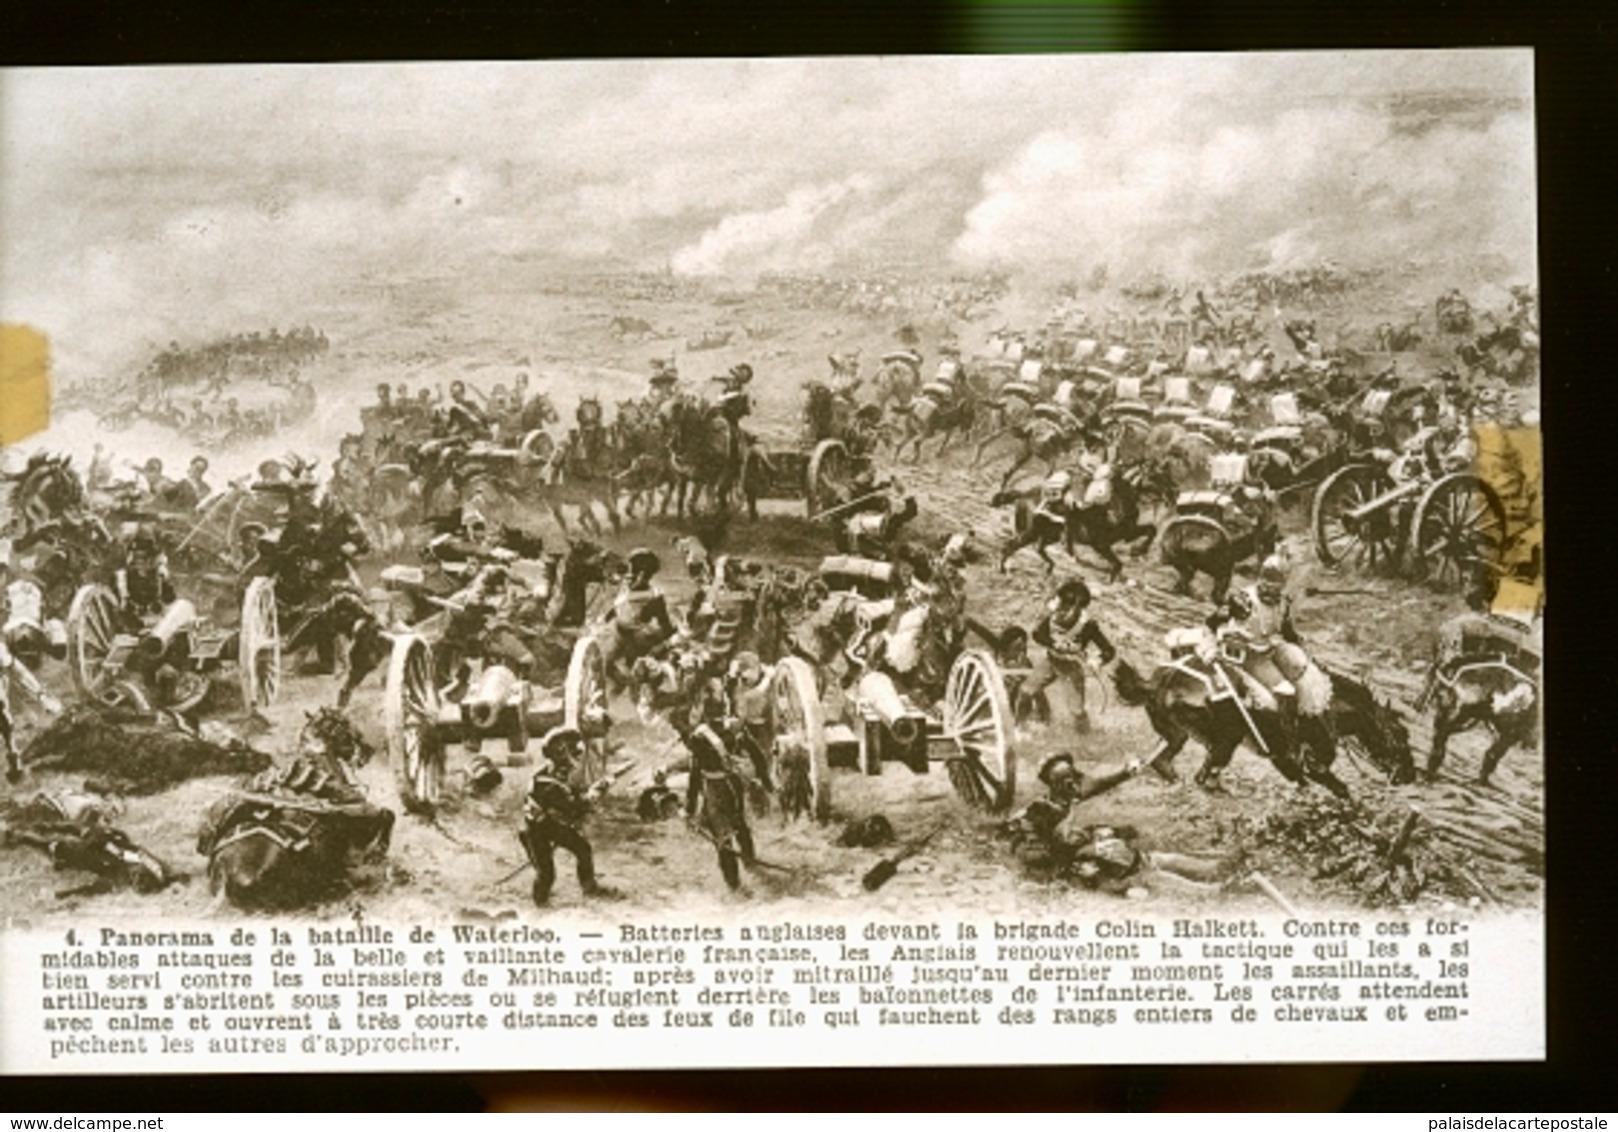 WATERLOO NAPOLEON - Waterloo